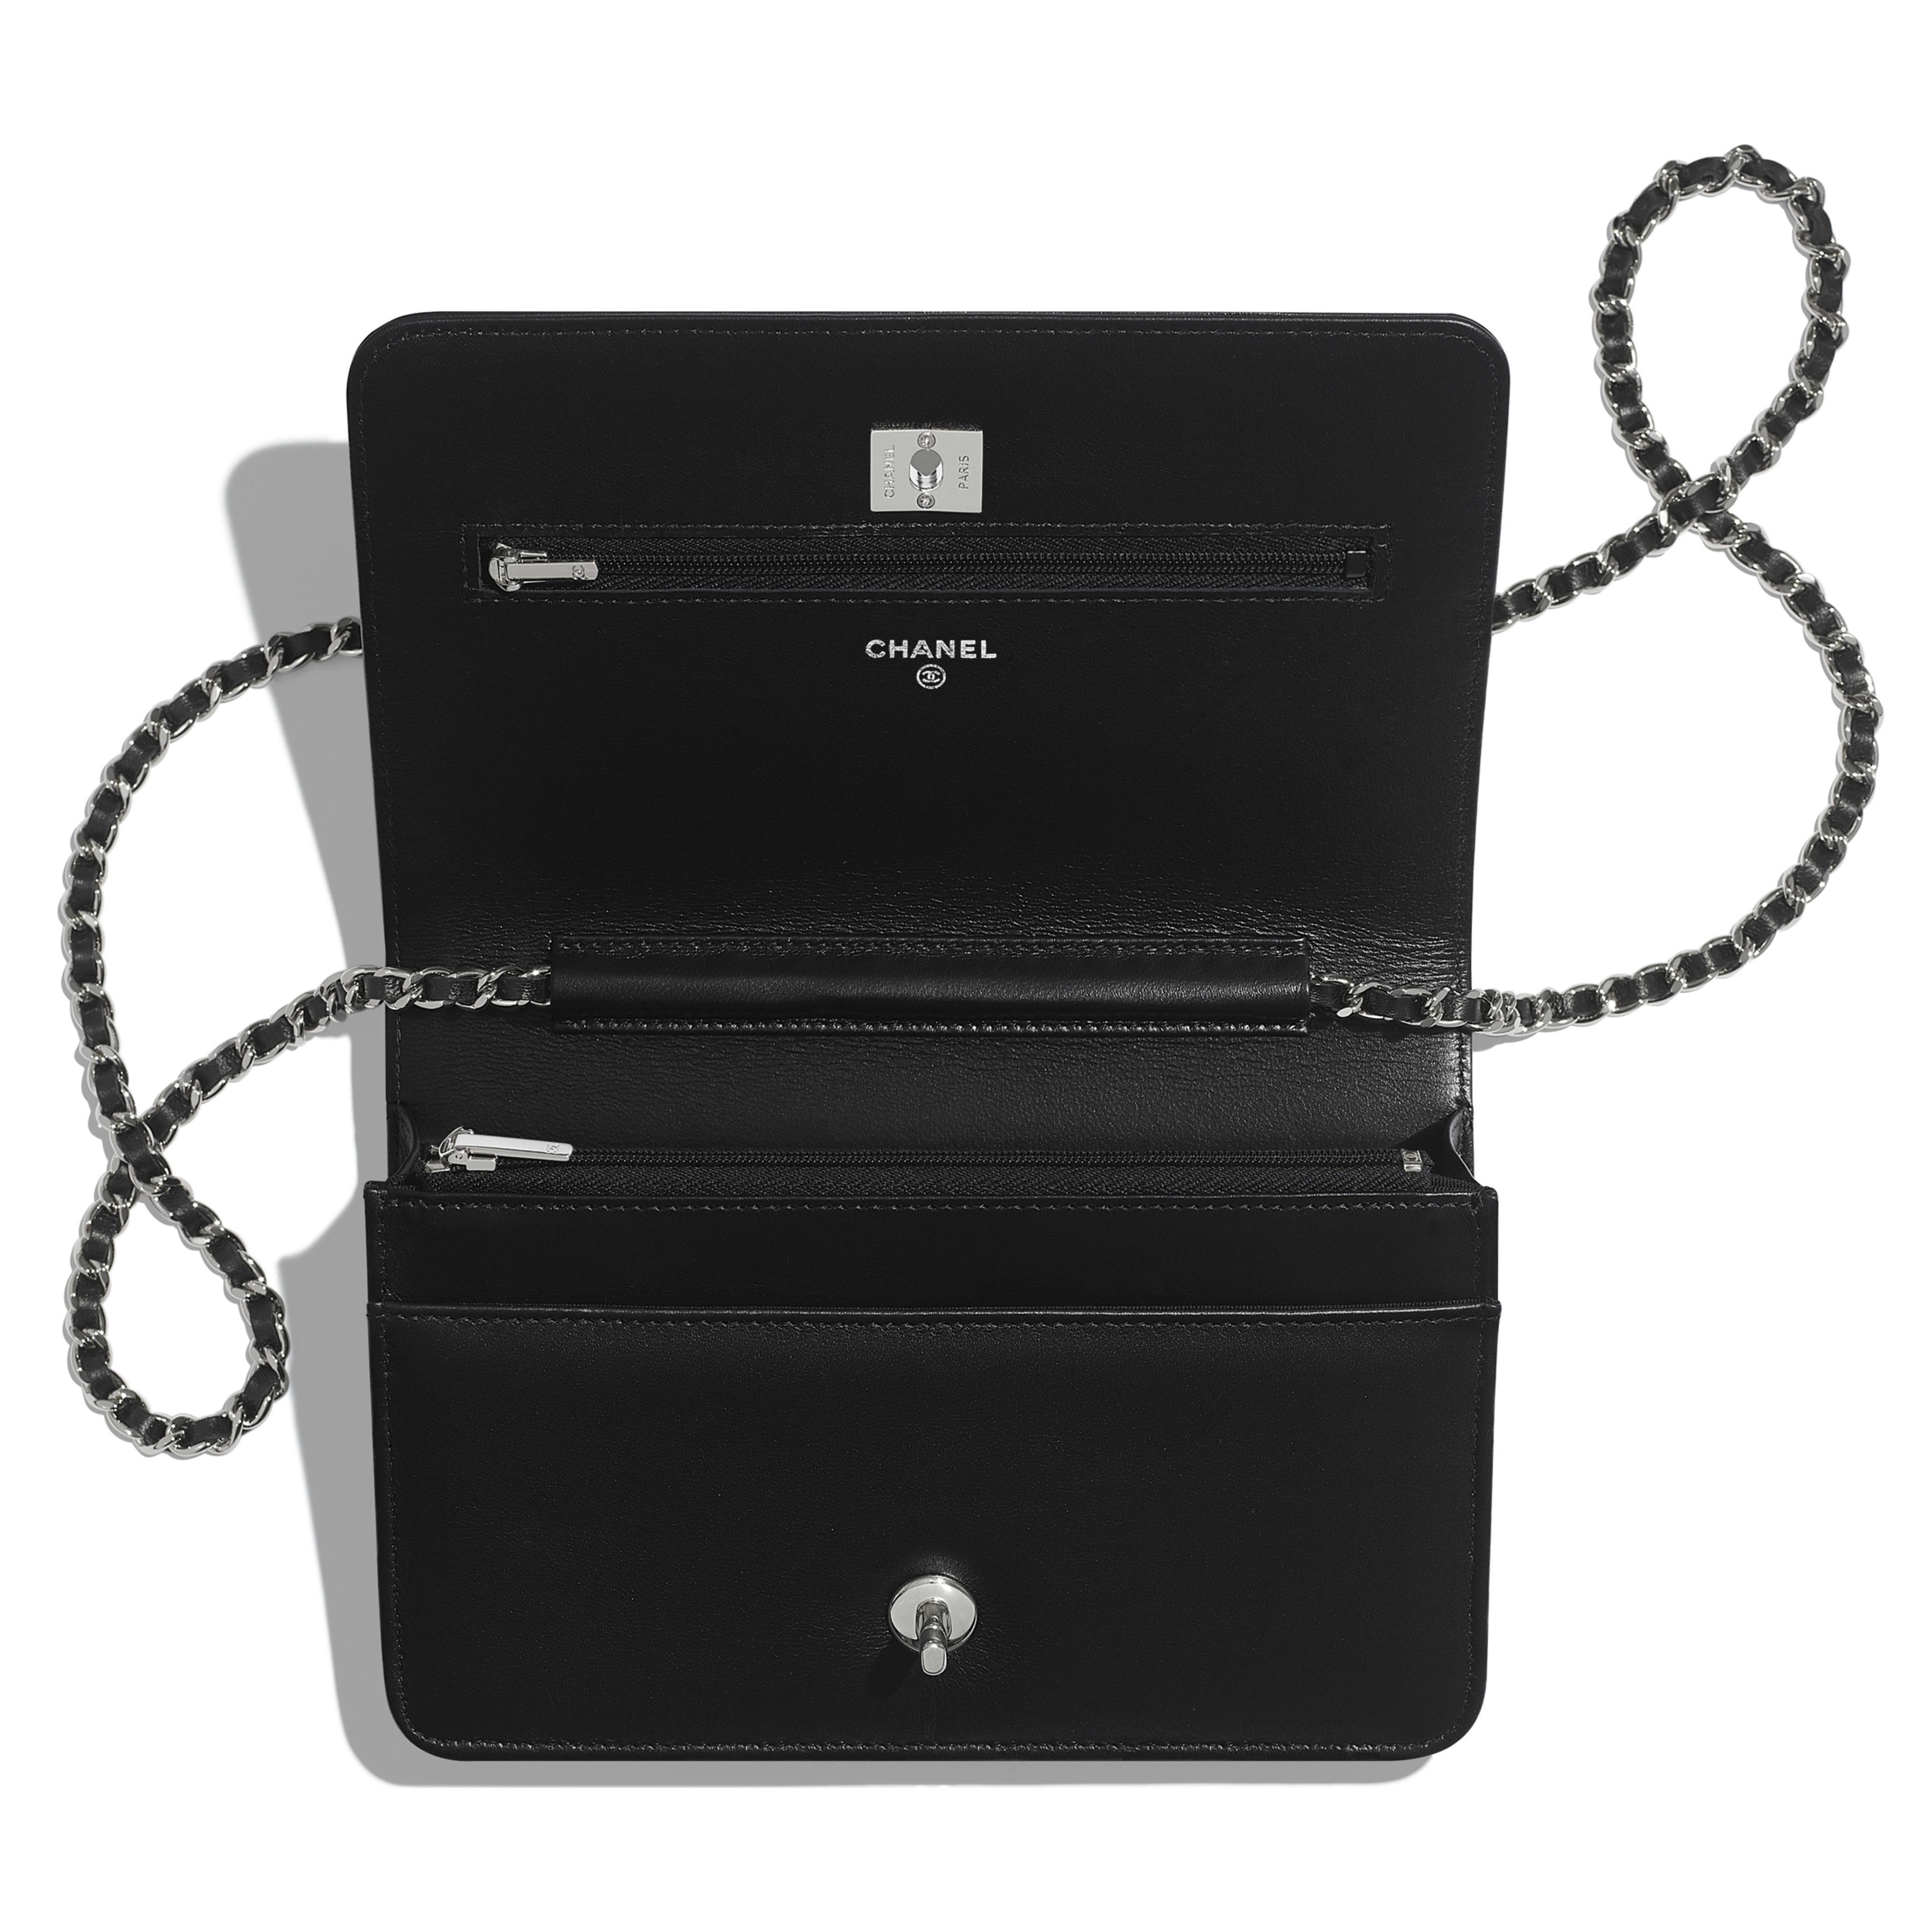 กระเป๋าสตางค์พร้อมสายโซ่ - สีดำ - หนังแกะมันเงา คริสตัล และโลหะสีเงิน - มุมมองอื่น - ดูเวอร์ชันขนาดเต็ม